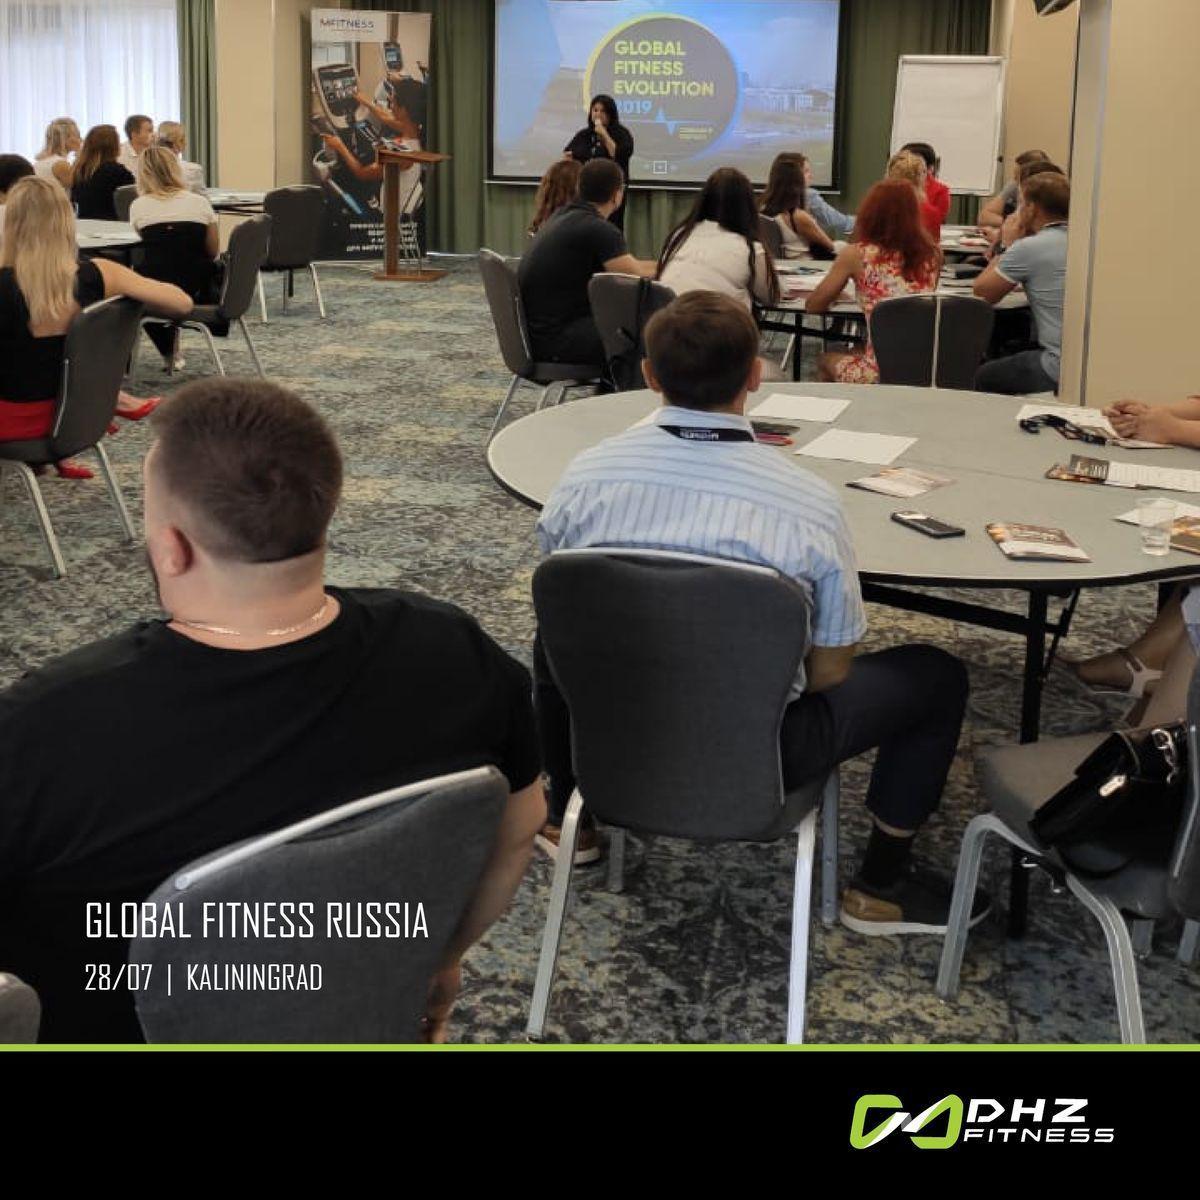 28 июля в Калининграде прошел очередной отраслевой бизнес-форум #GlobalFitnessRussia, партнером которого является DHZ Fitness